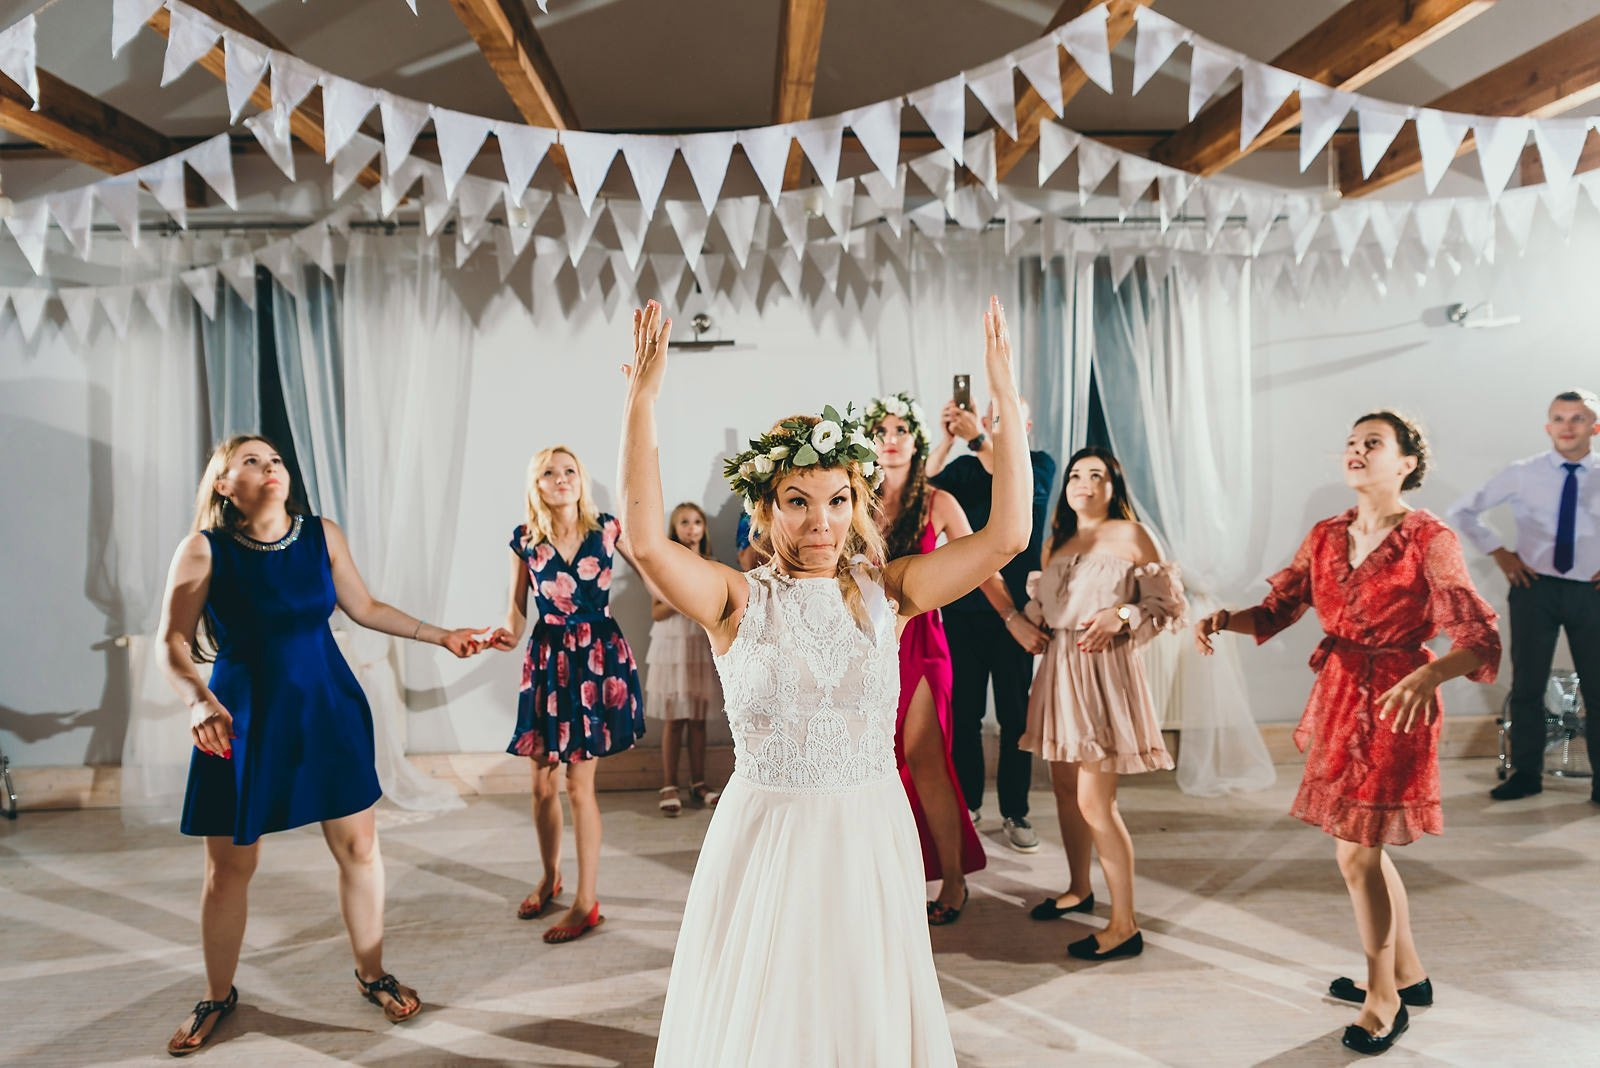 Justyna i Szymon - plenerowy ślub w stylu boho 118